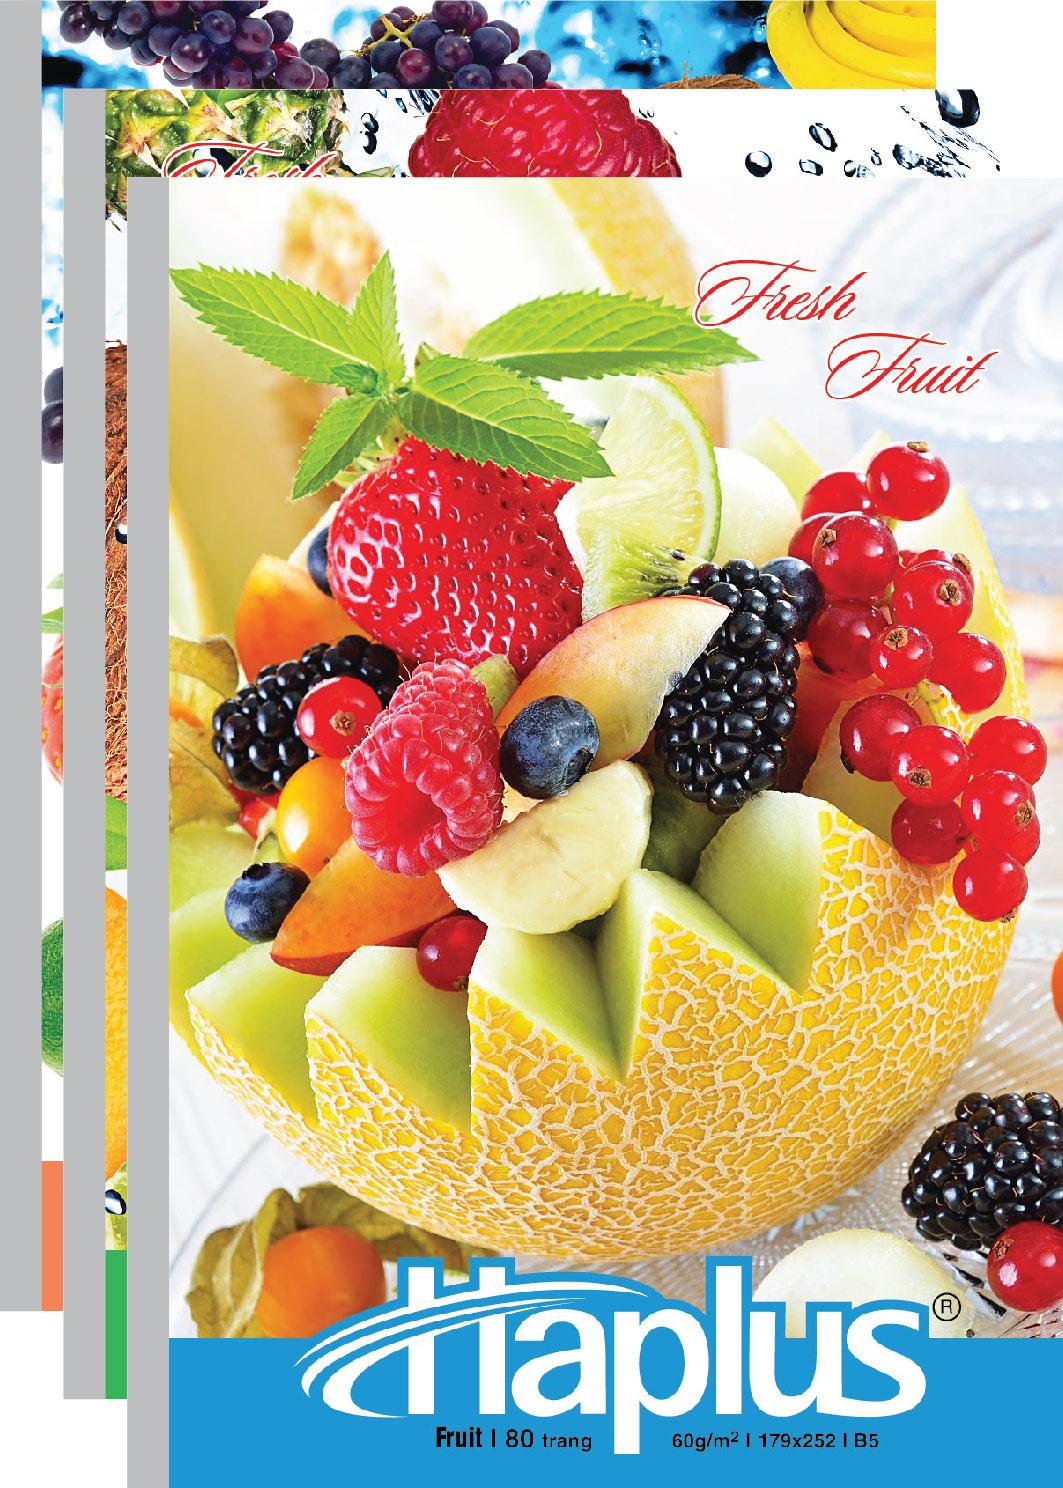 Haplus - Fruit